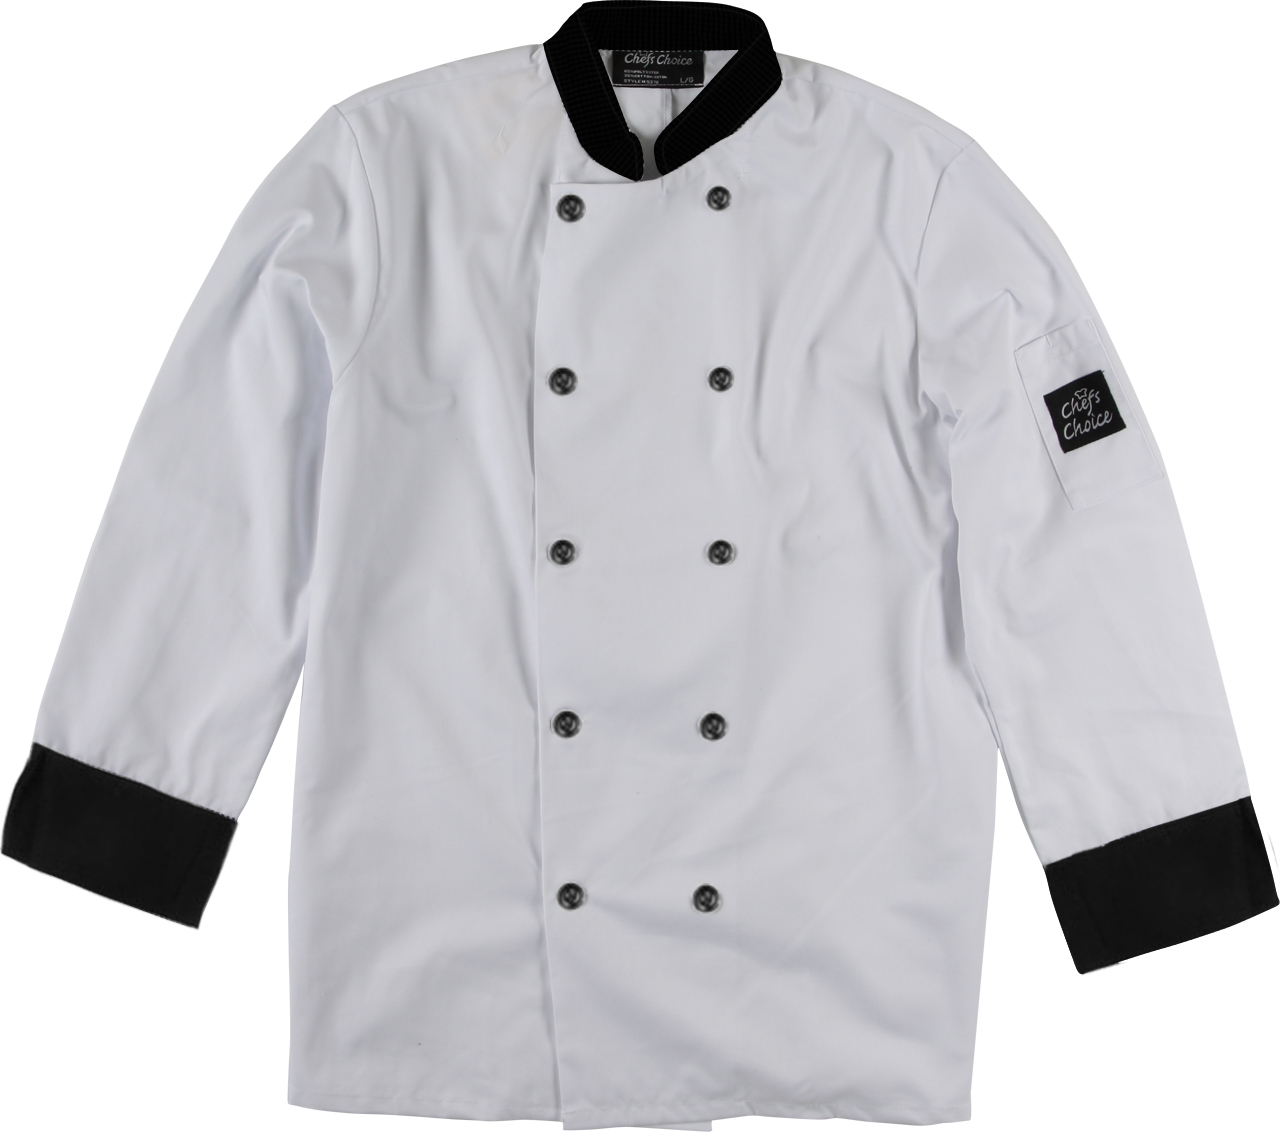 Picture of Premium Uniforms Chef Coat With Contrast Trim